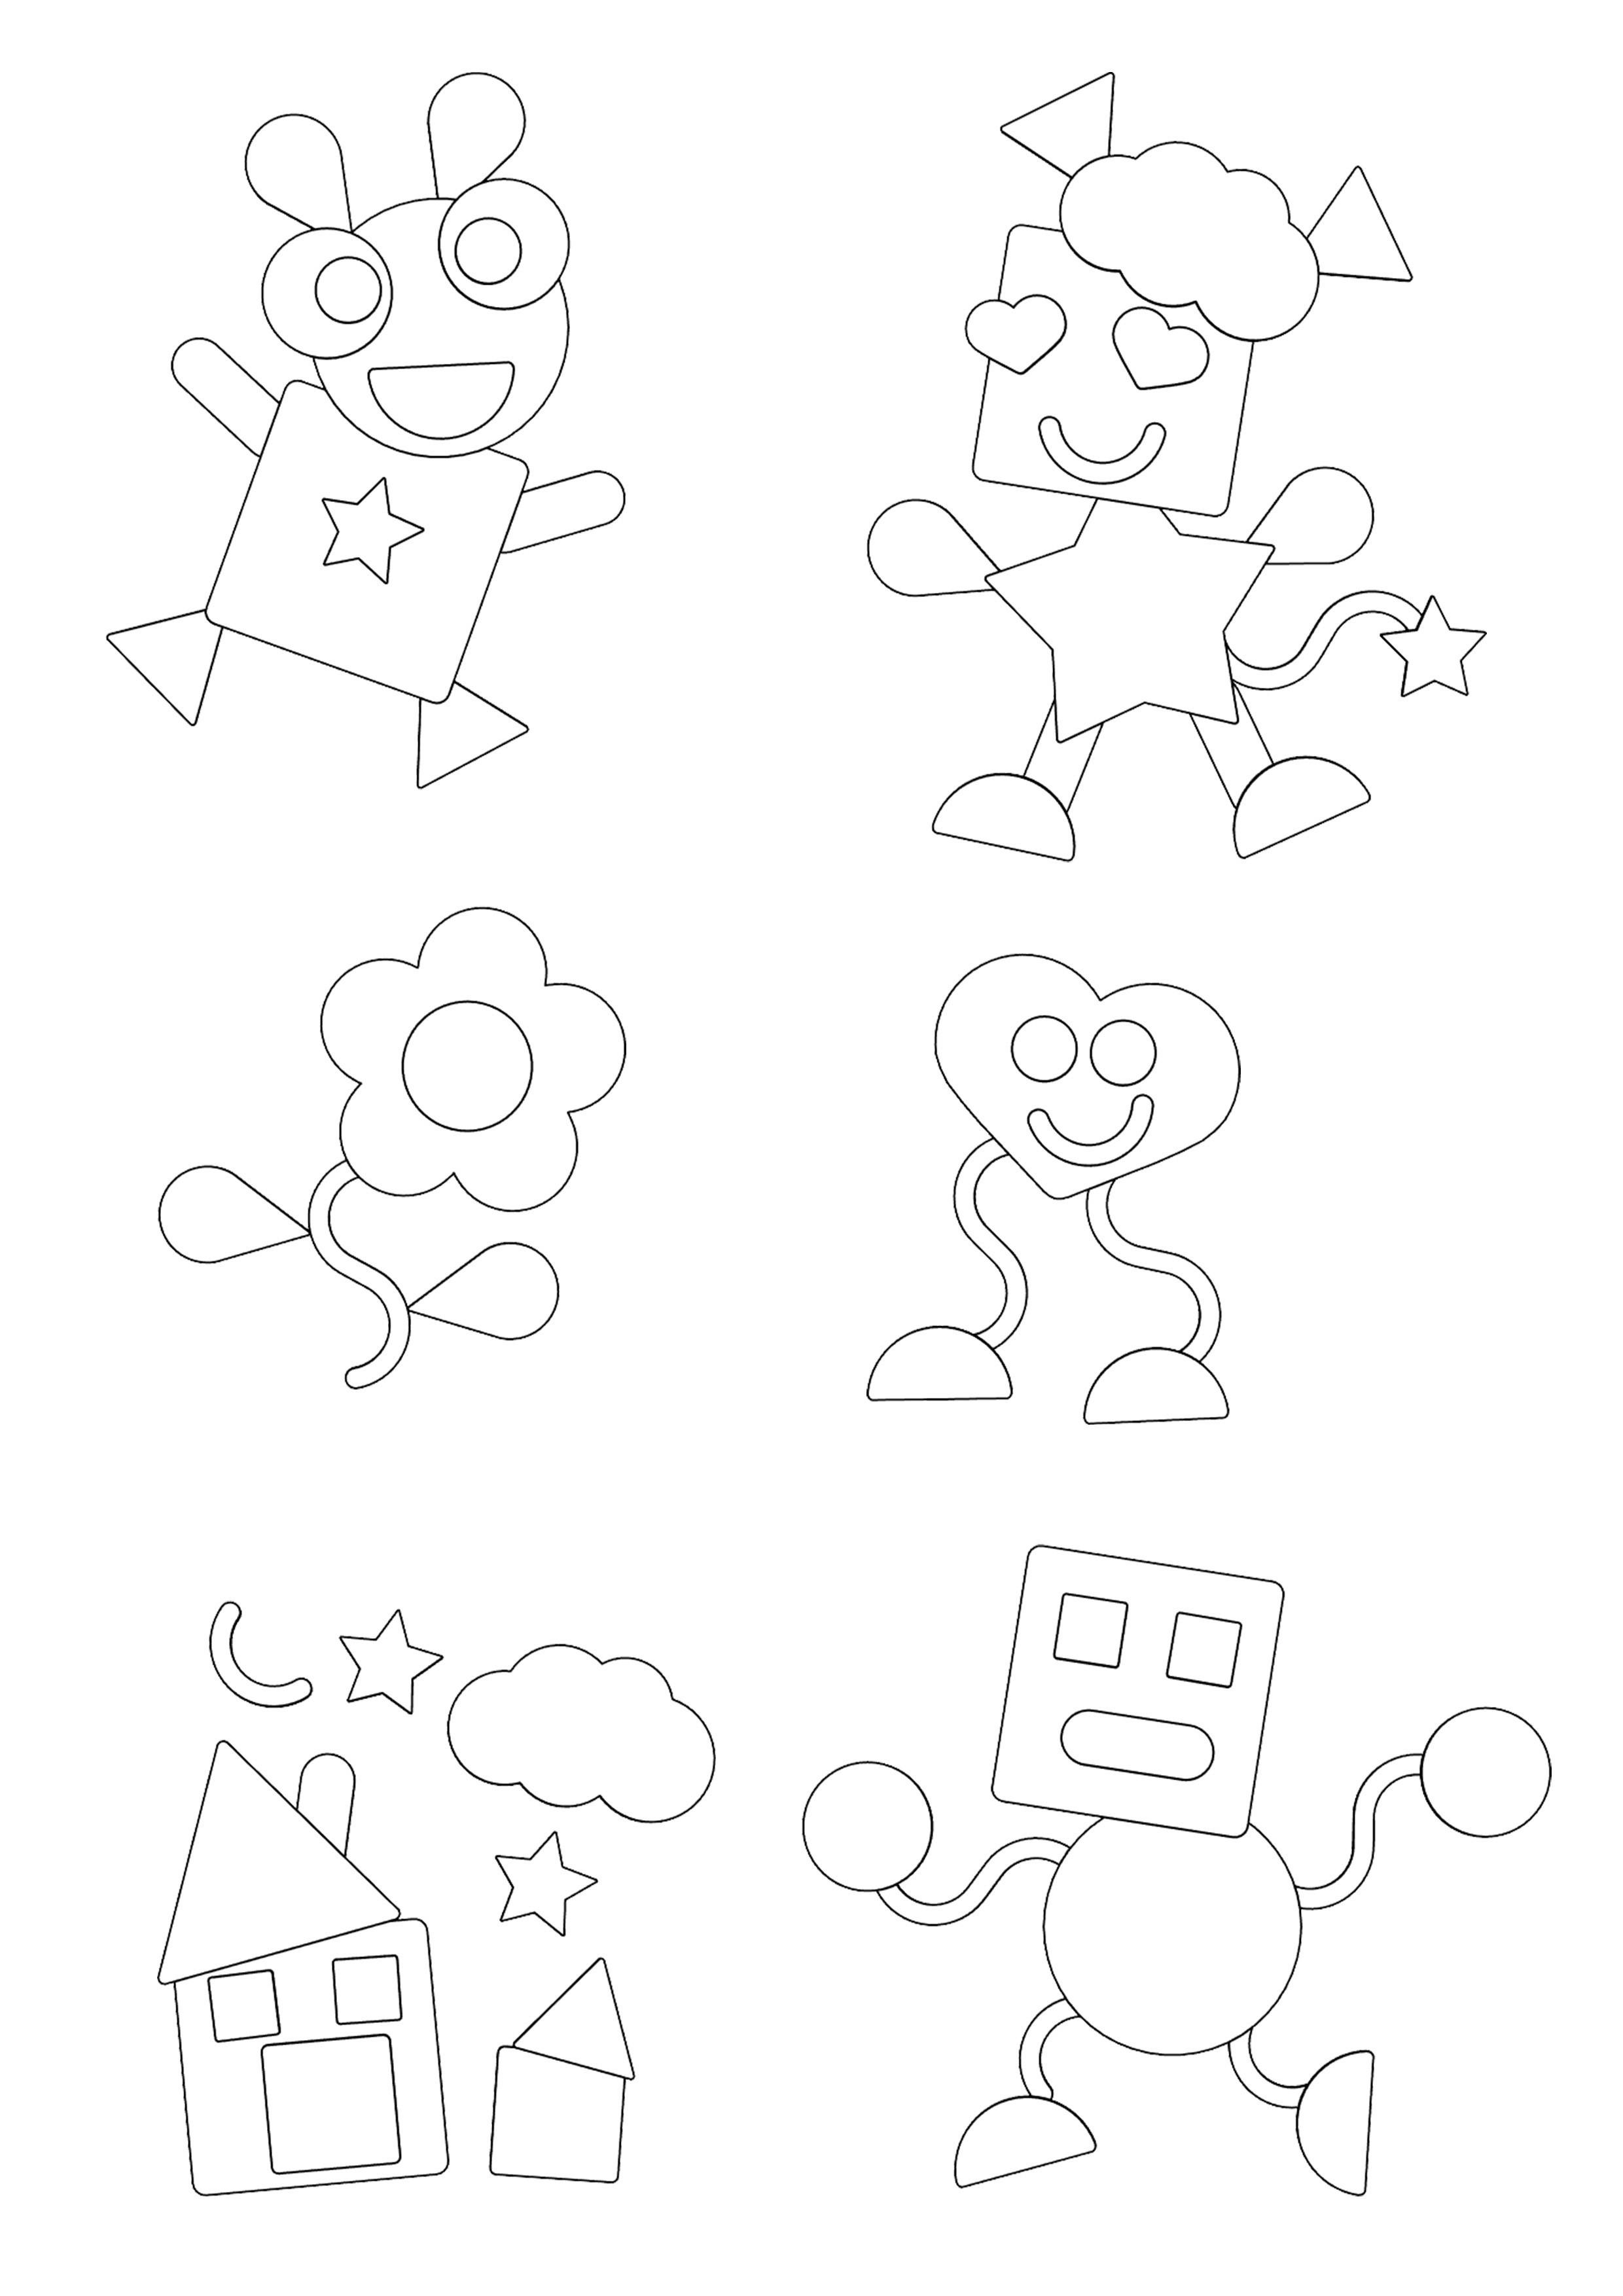 Samples1.jpg Download free STL file Shapers • 3D printer design, 3deran